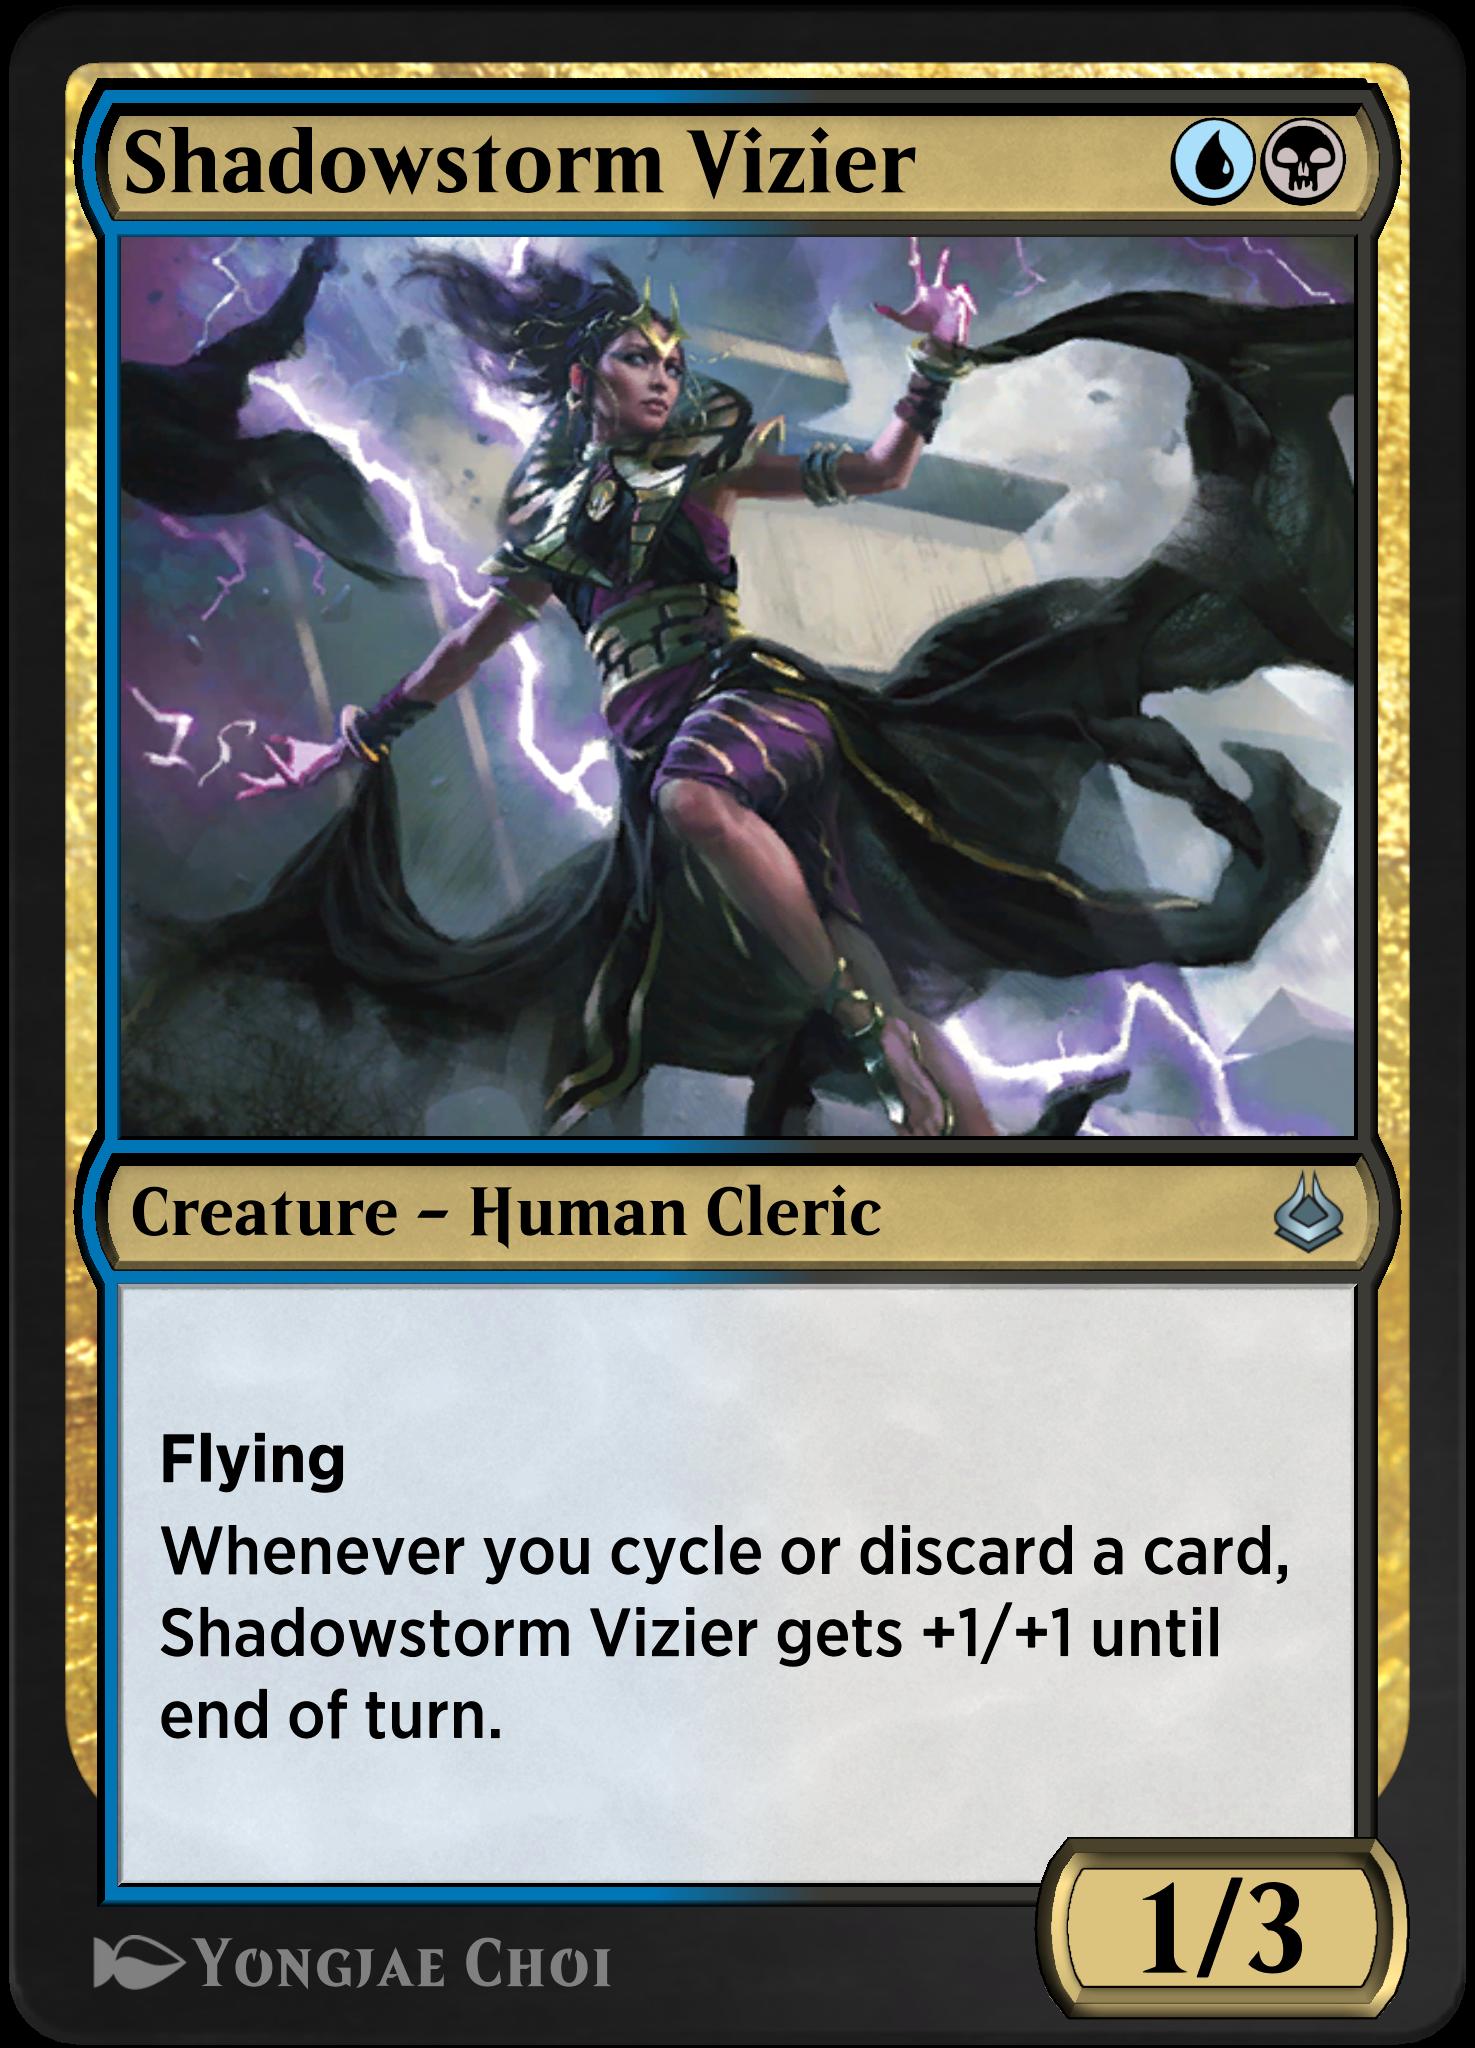 Shadowstorm Vizier